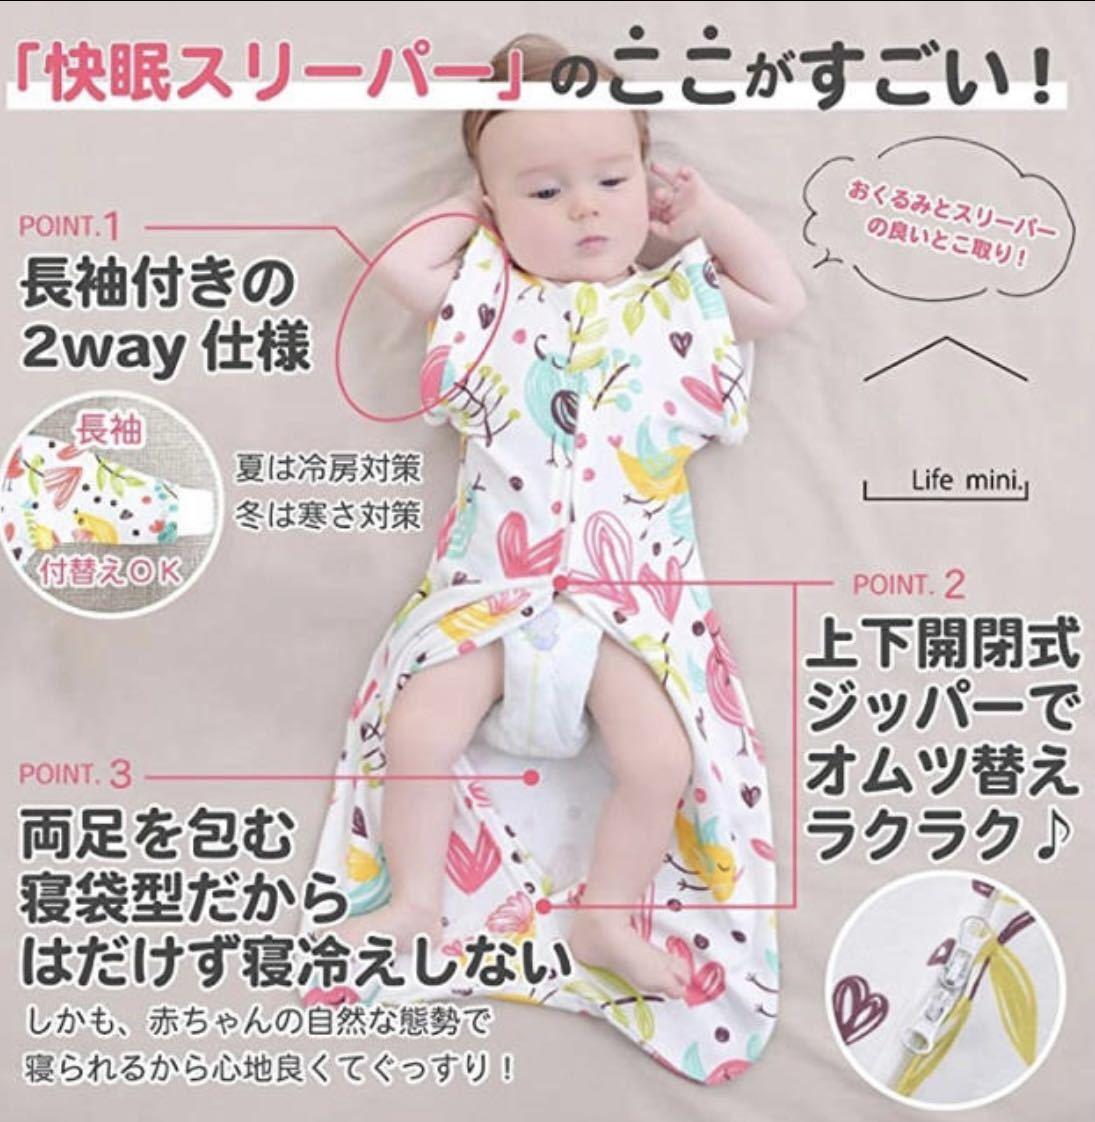 【新品 おまけ付き】Lサイズ 妊婦 赤ちゃん夜泣き対策に 奇跡のおくるみ キリン スワドルアップではありません ベビー 安眠 baby_画像7